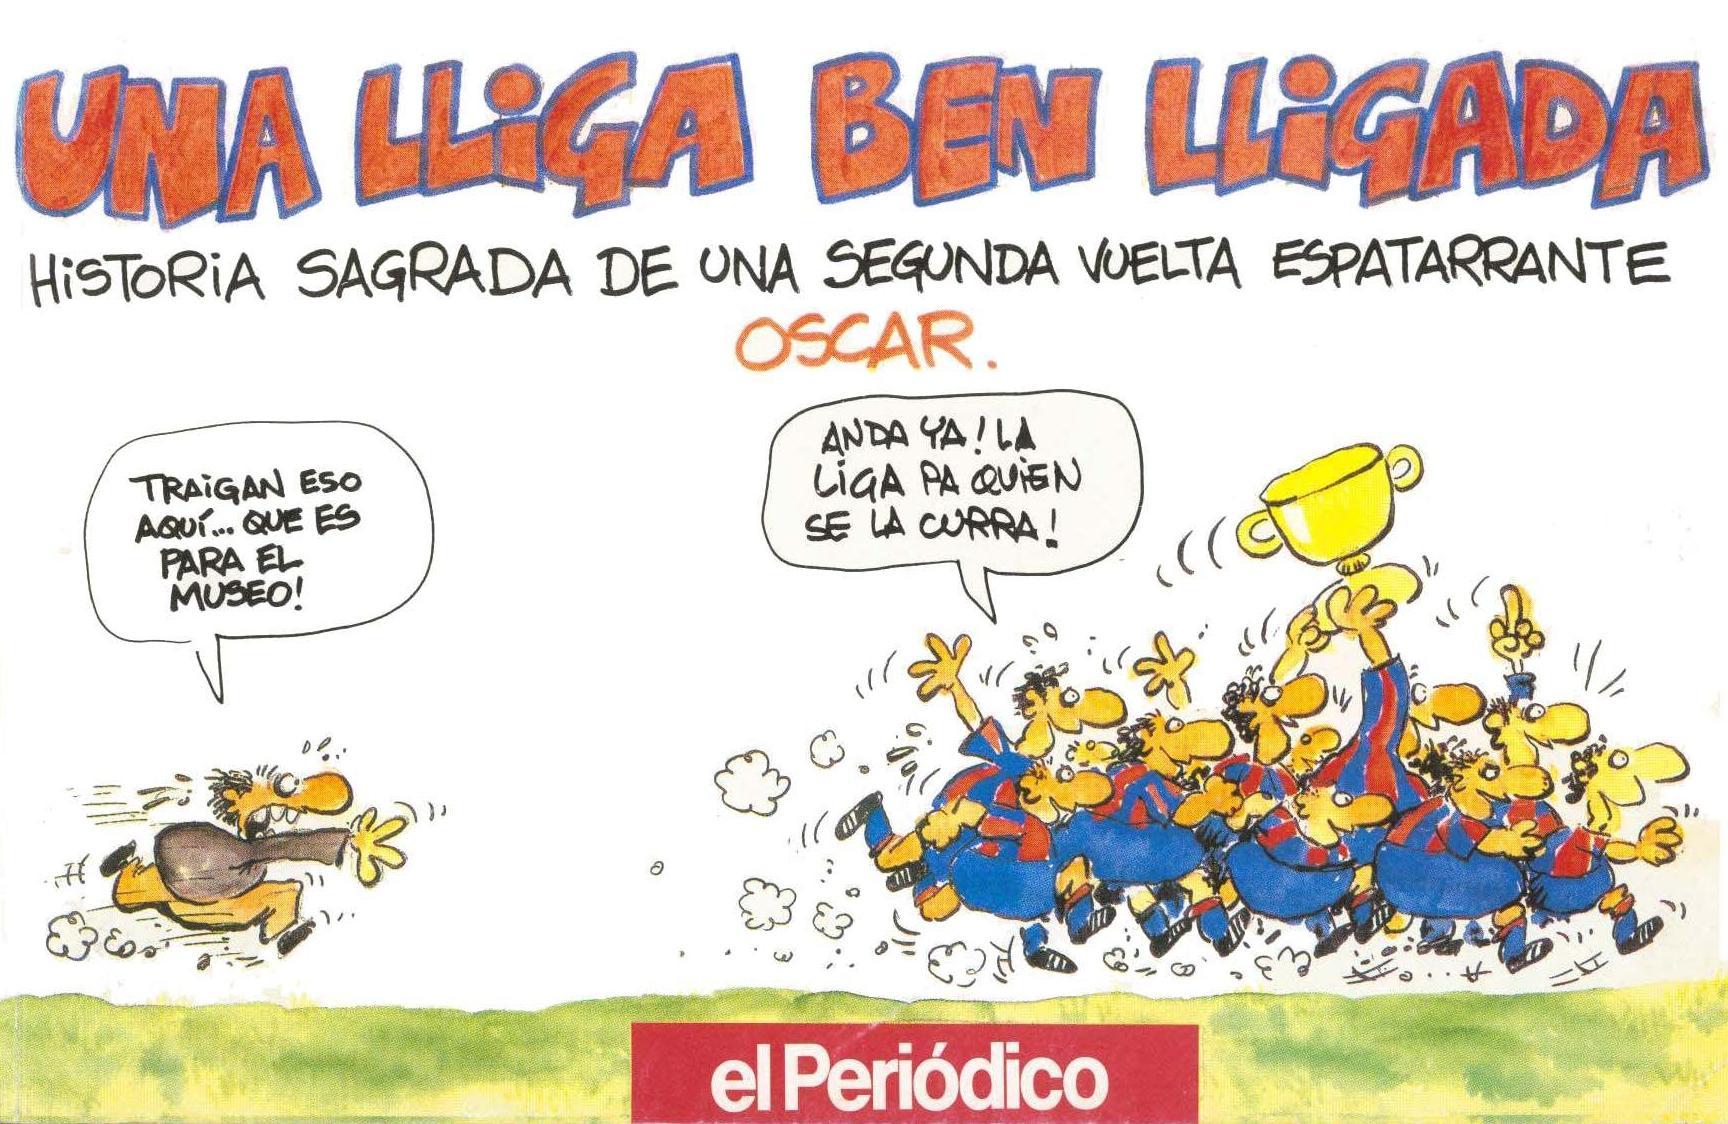 Tiras de prensa - Barcelona - Liga 90-91 2a vuelta